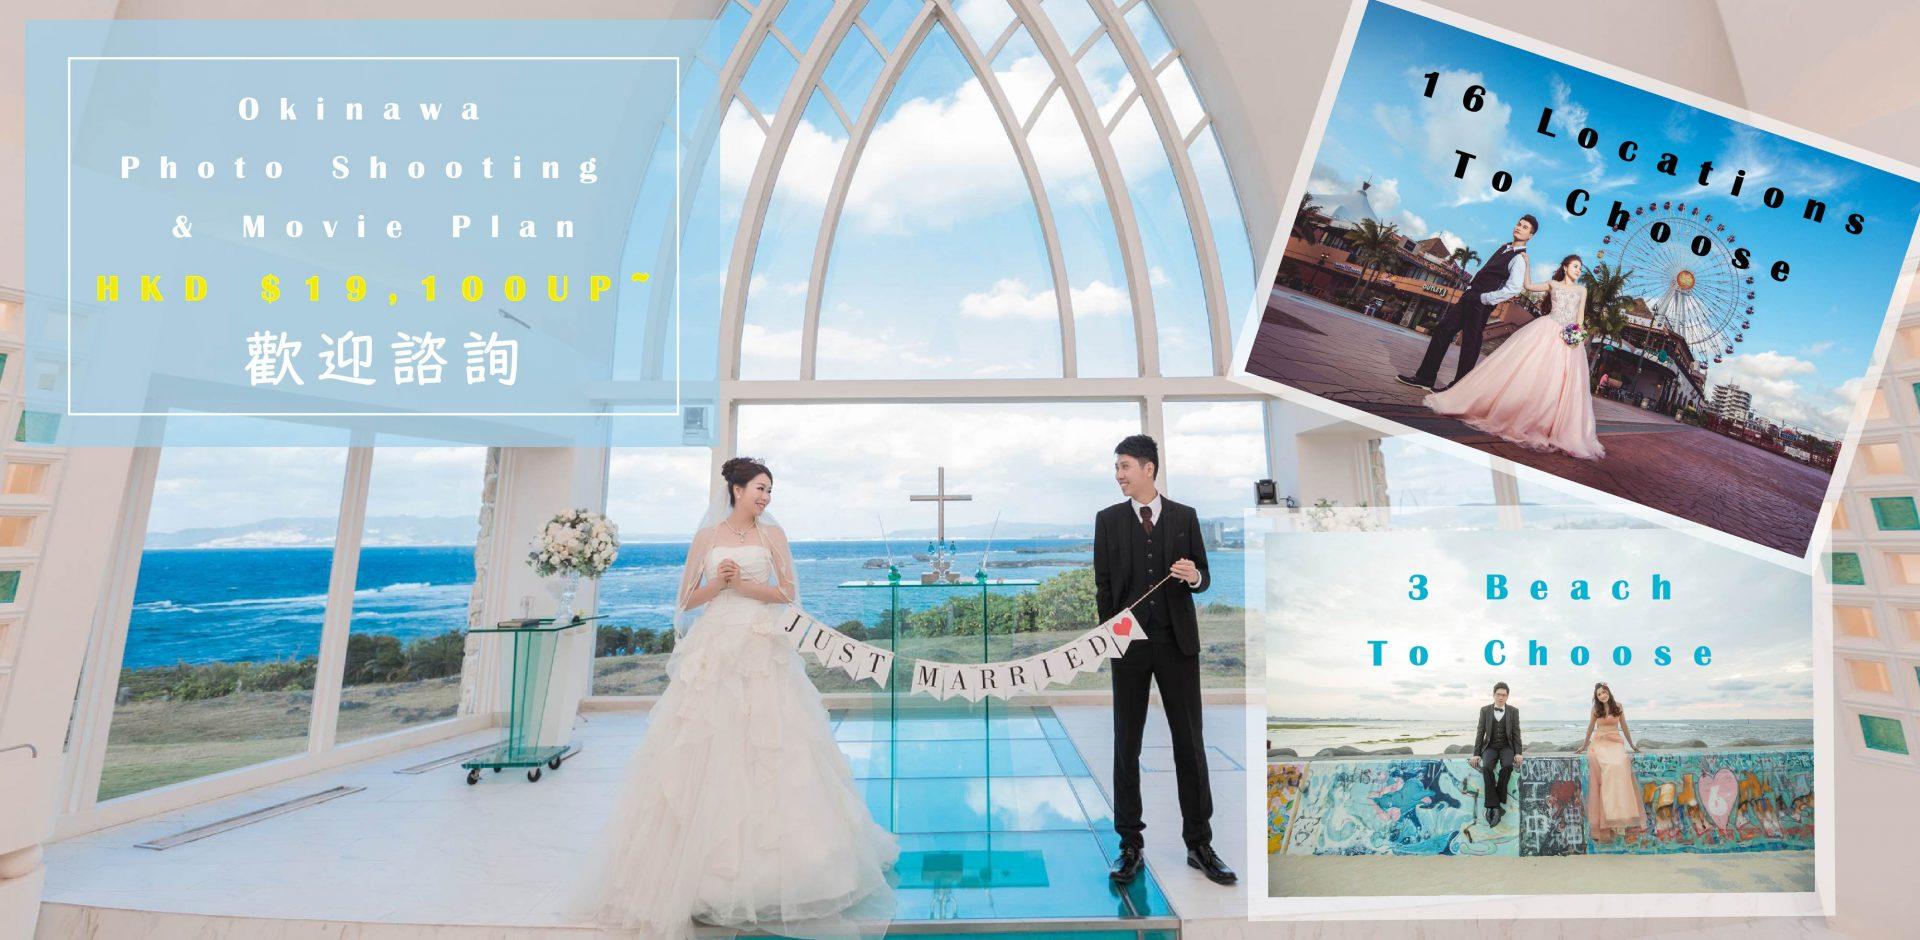 NEW! 沖繩婚紗攝影及錄影套餐